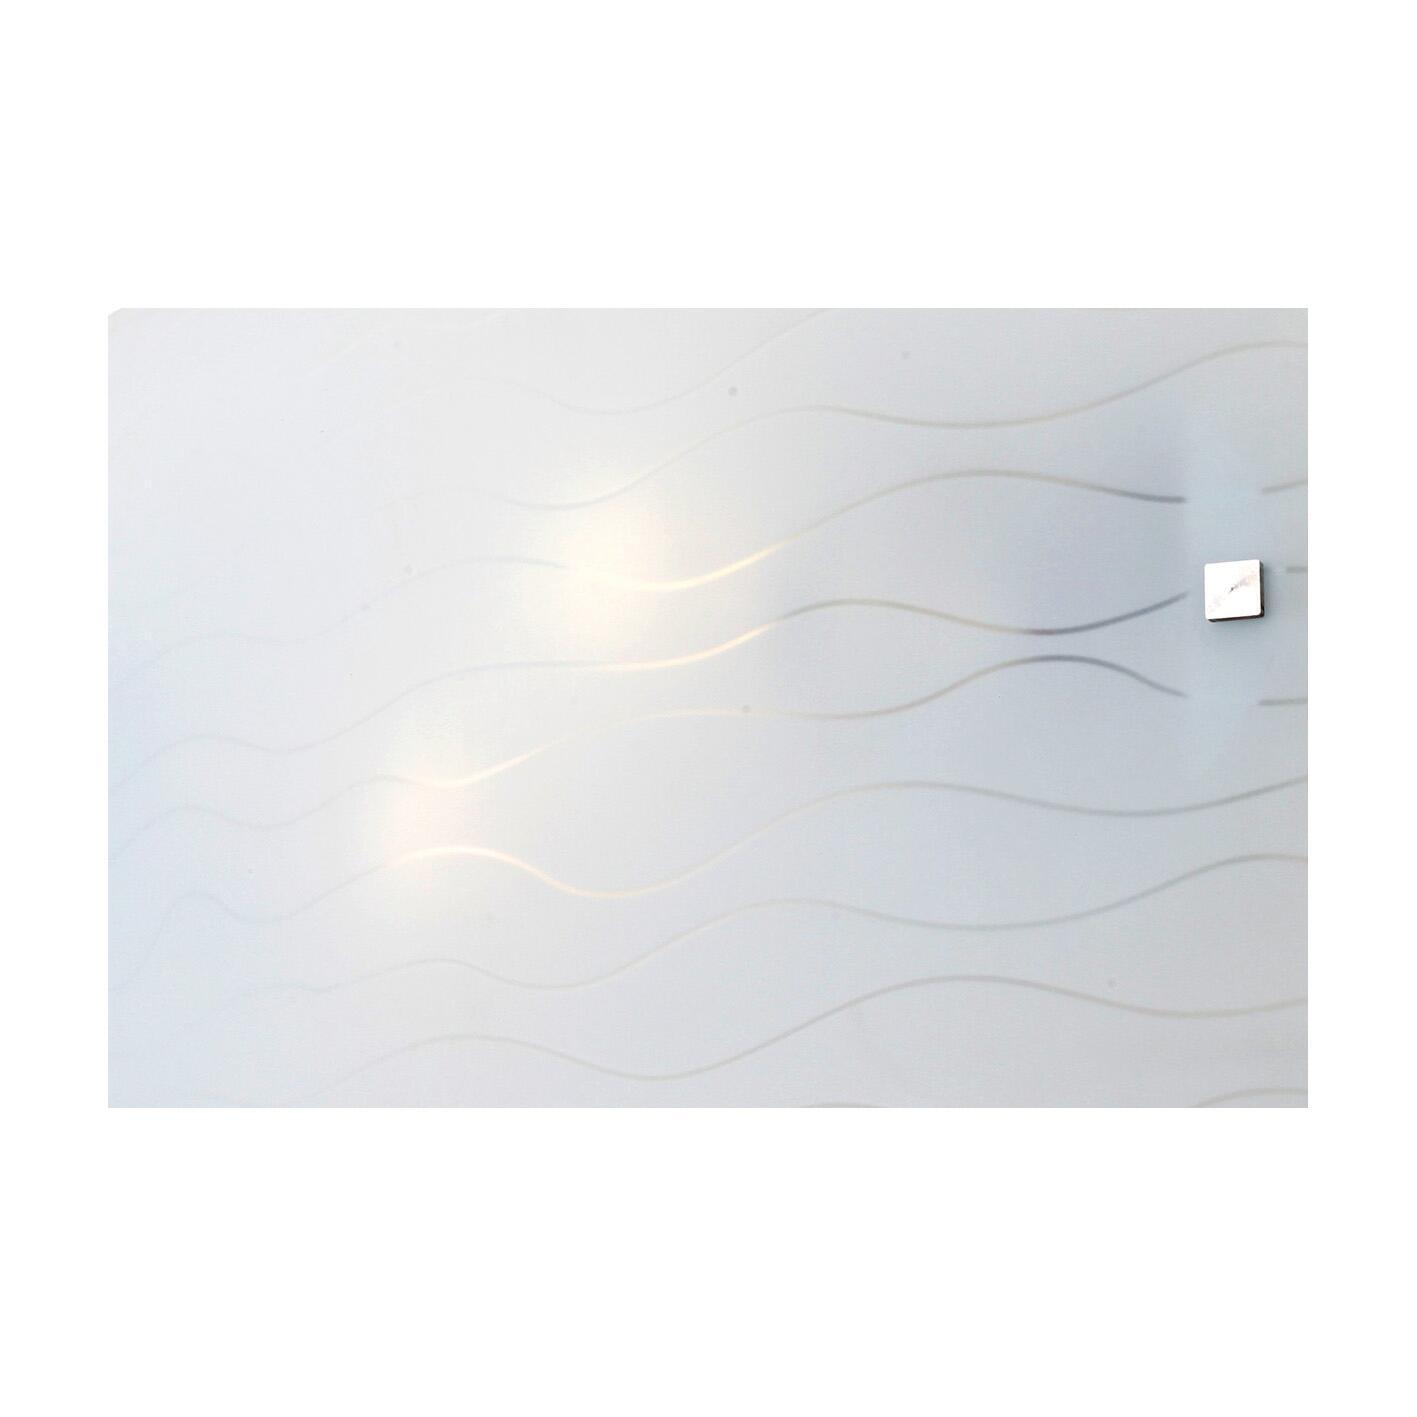 Applique classico Nina bianco, in vetro, 32x20 cm, - 5